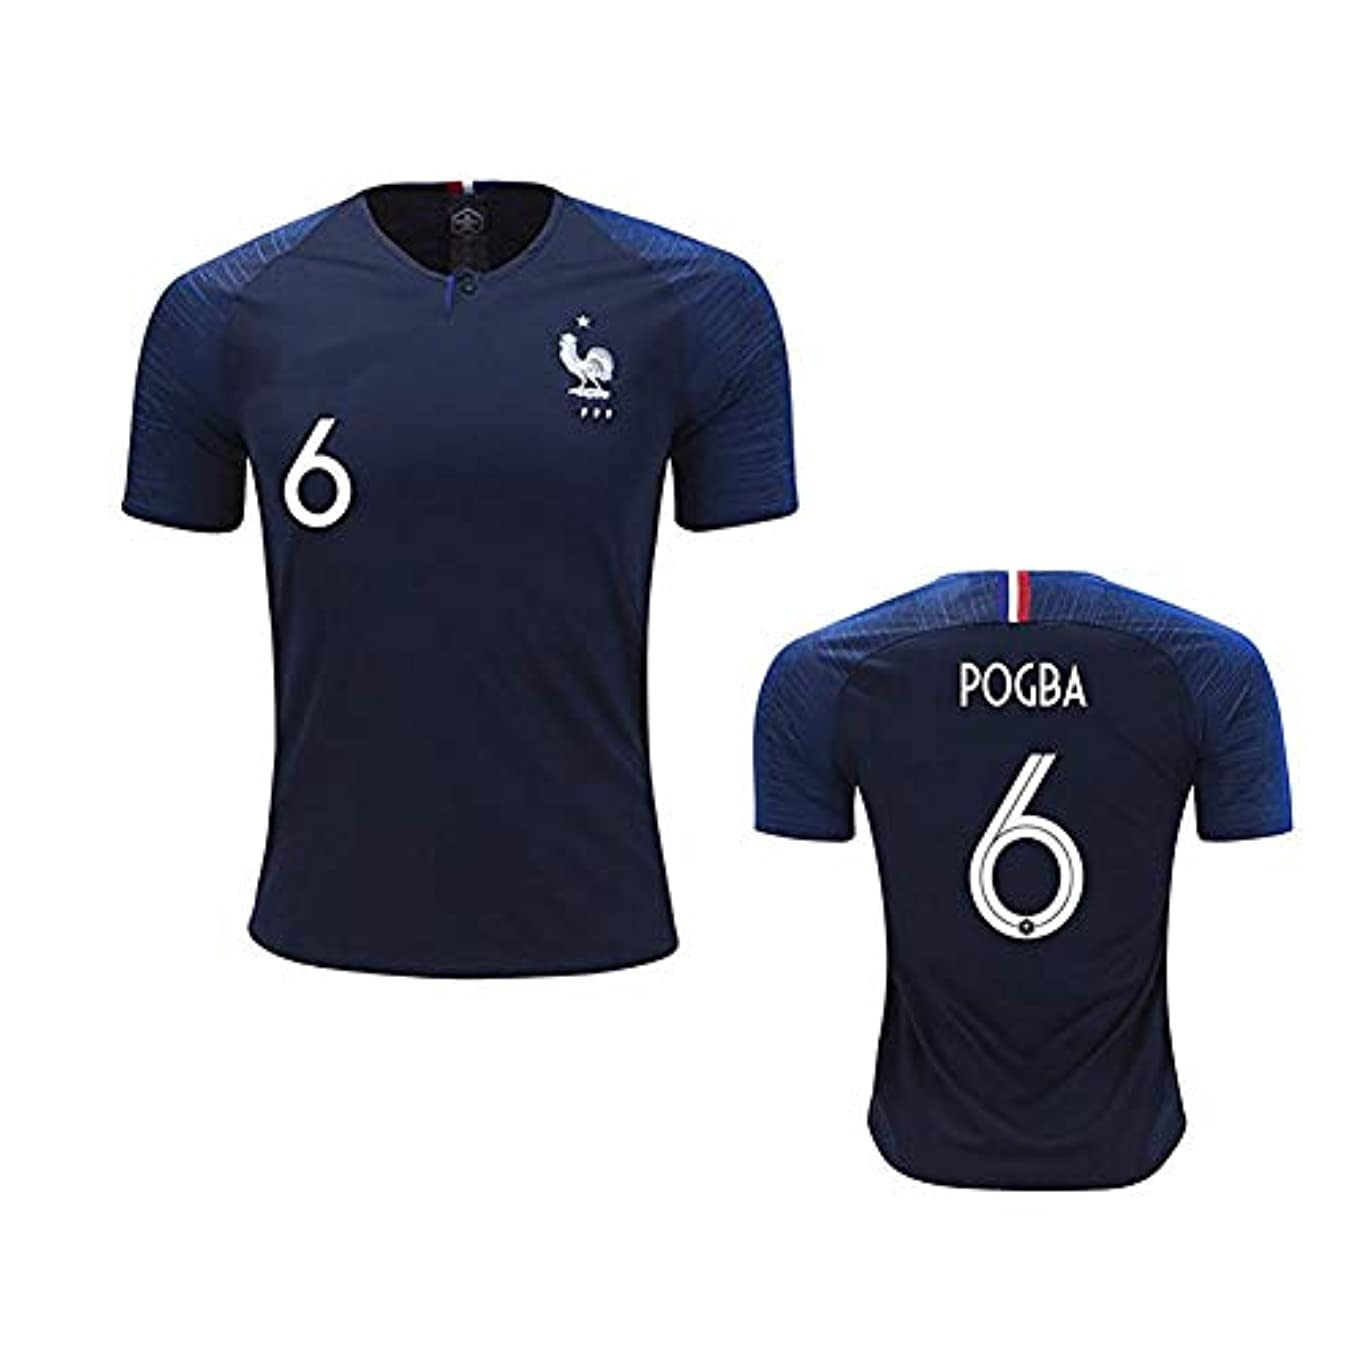 防腐剤十代の若者たち遊びます宮の 大人 tシャツ 半袖 海外限定 レプリカ ウェア フランス代表 ブラック 2018ホーム 6番 POGBA メンズ